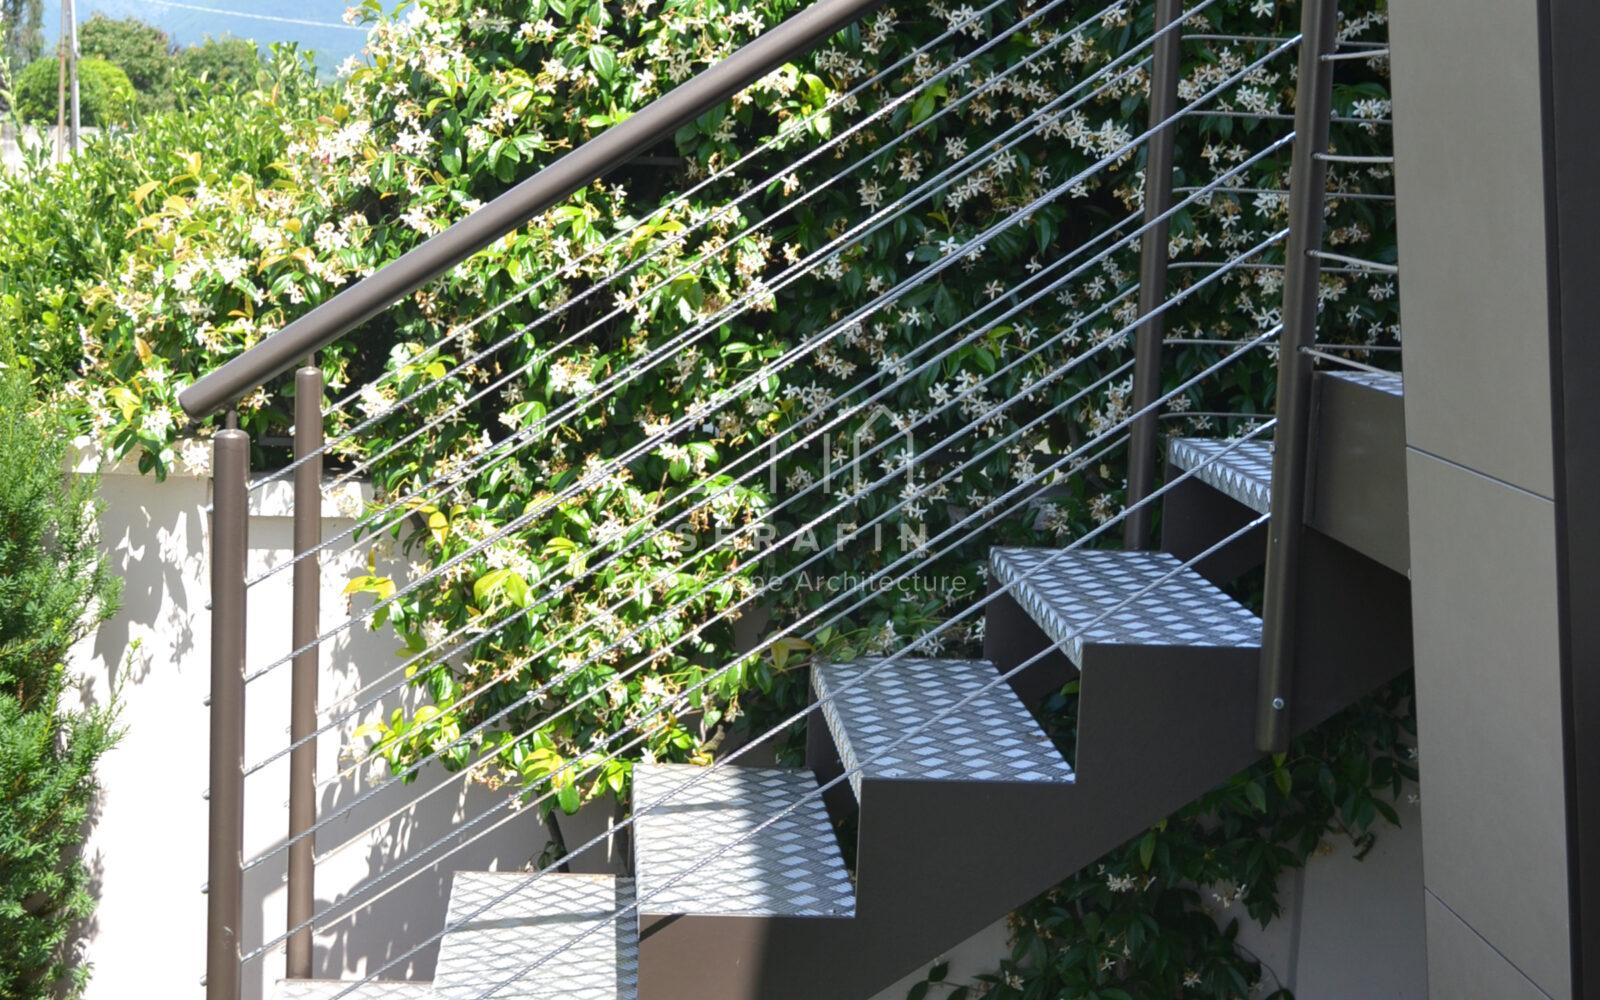 giardino privato a Bassano del Grappa - 3